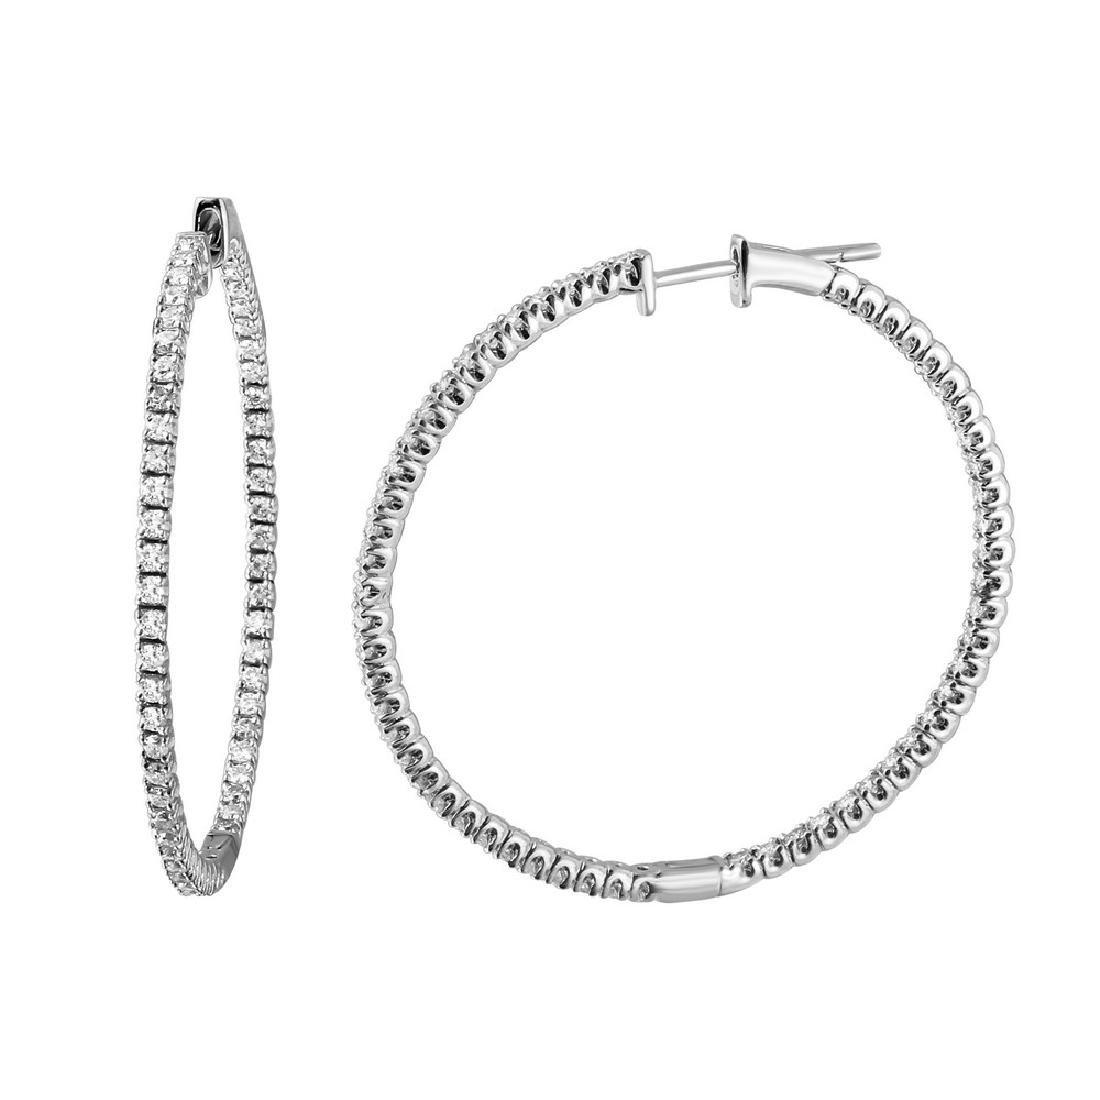 1.06 CTW Diamond Hoop  Earring in 14K White Gold